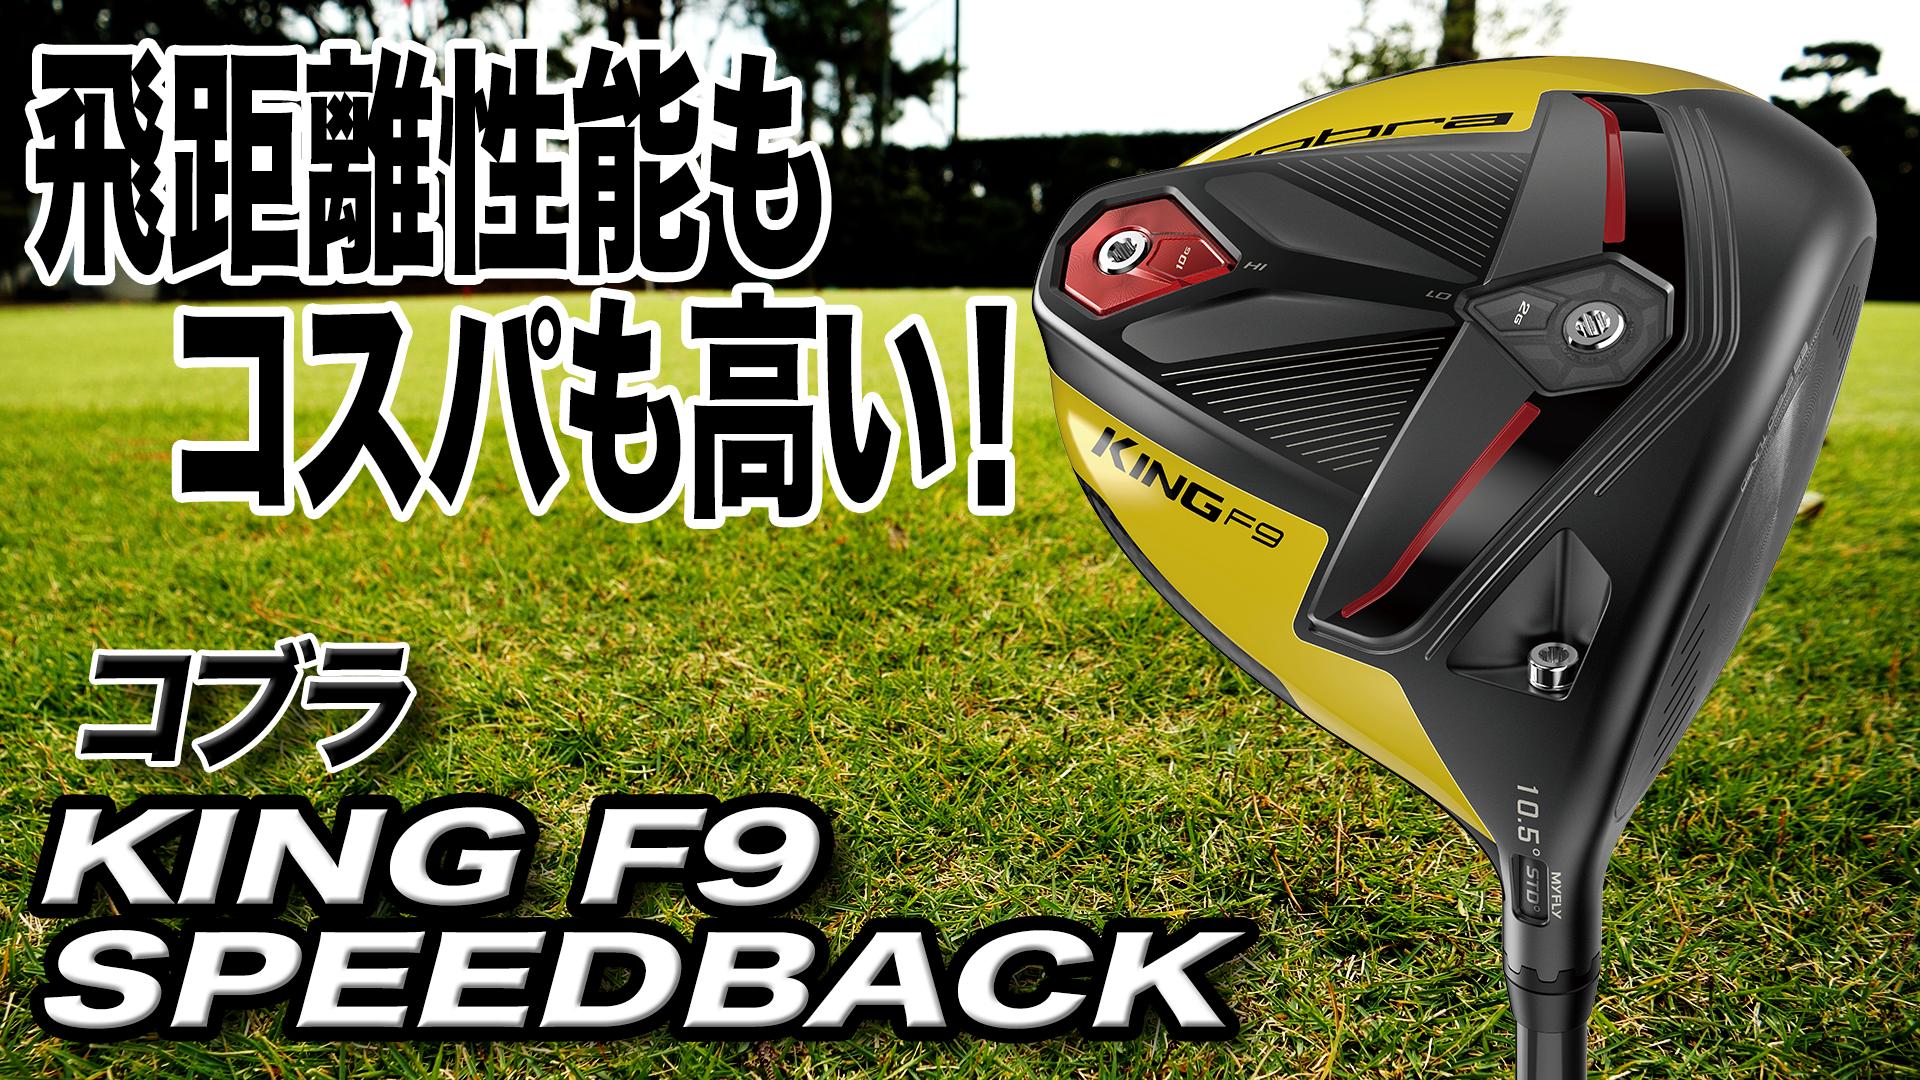 コブラ「KING F9 SPEEDBACK ドライバー」【レビュー企画】